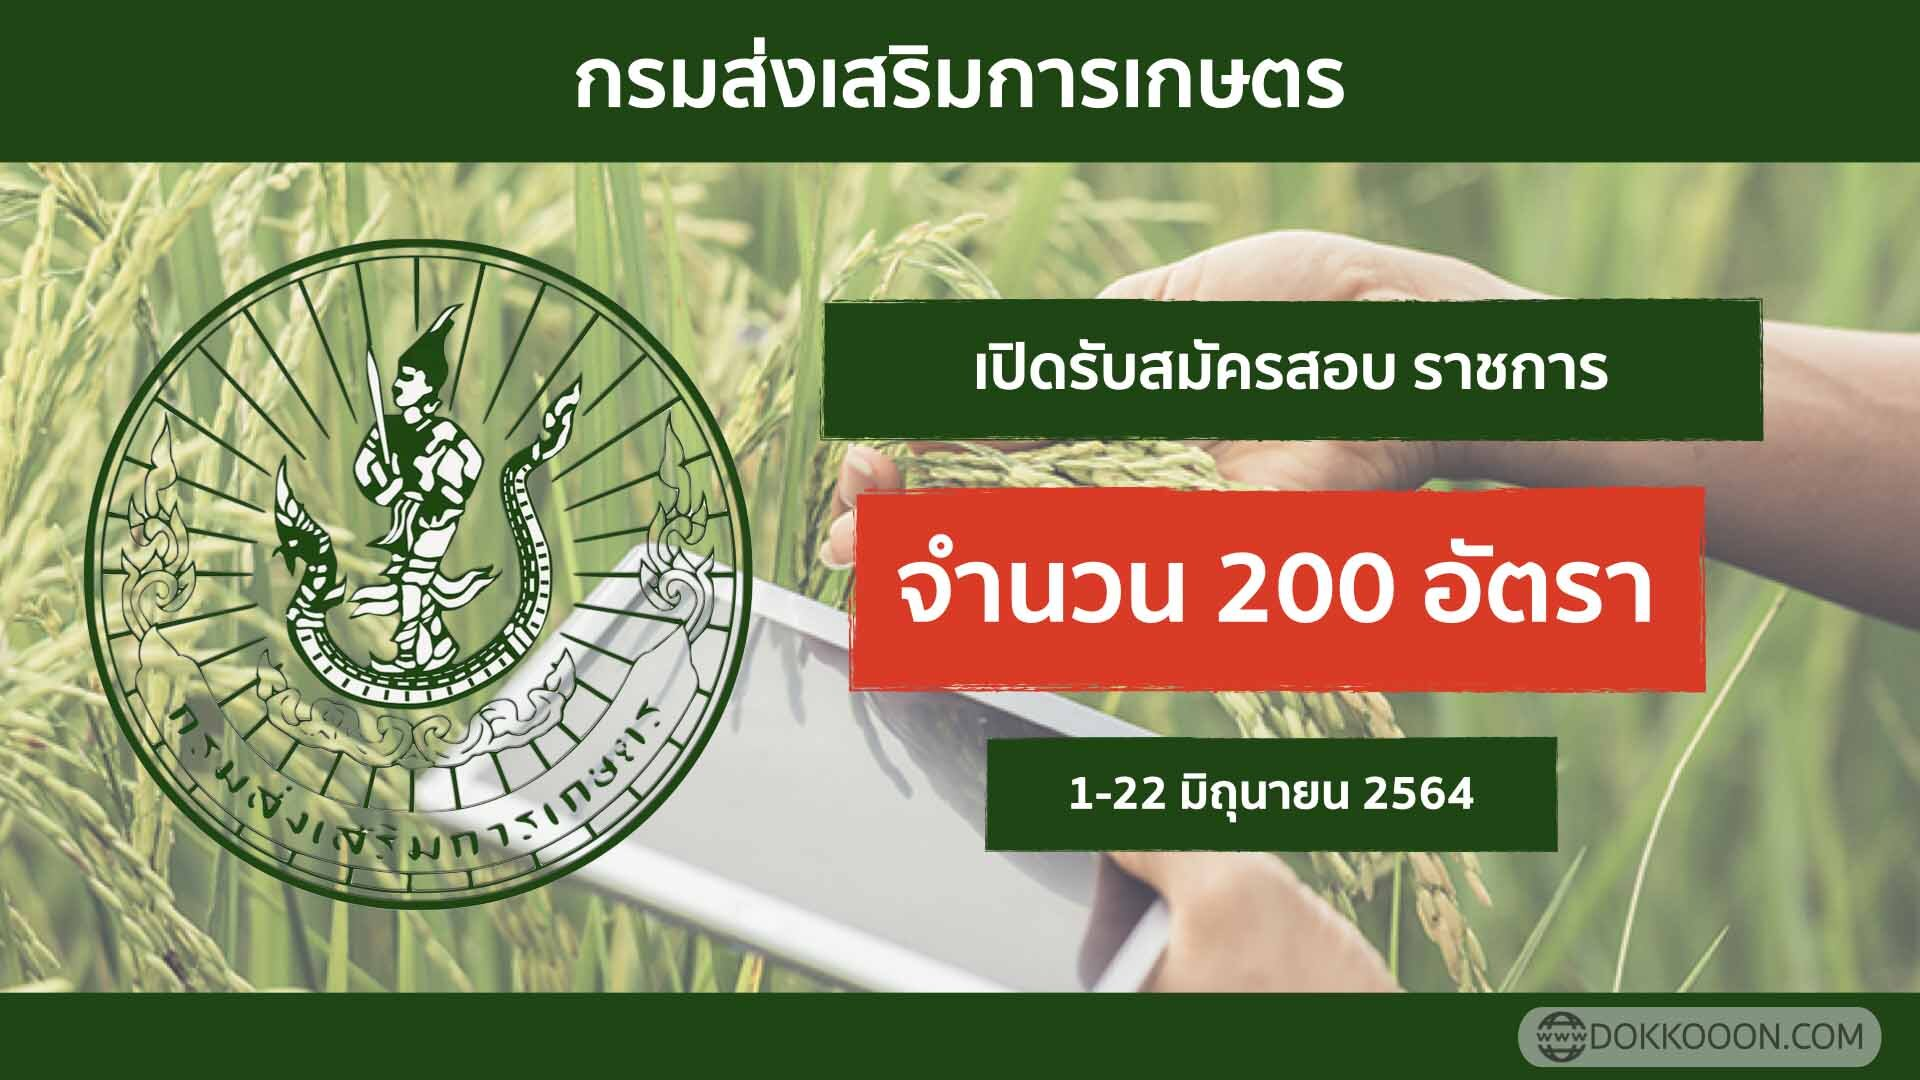 กรมส่งเสริมการเกษตร รับสมัครสอบรับราชการ 2564 จำนวน 200 อัตรา